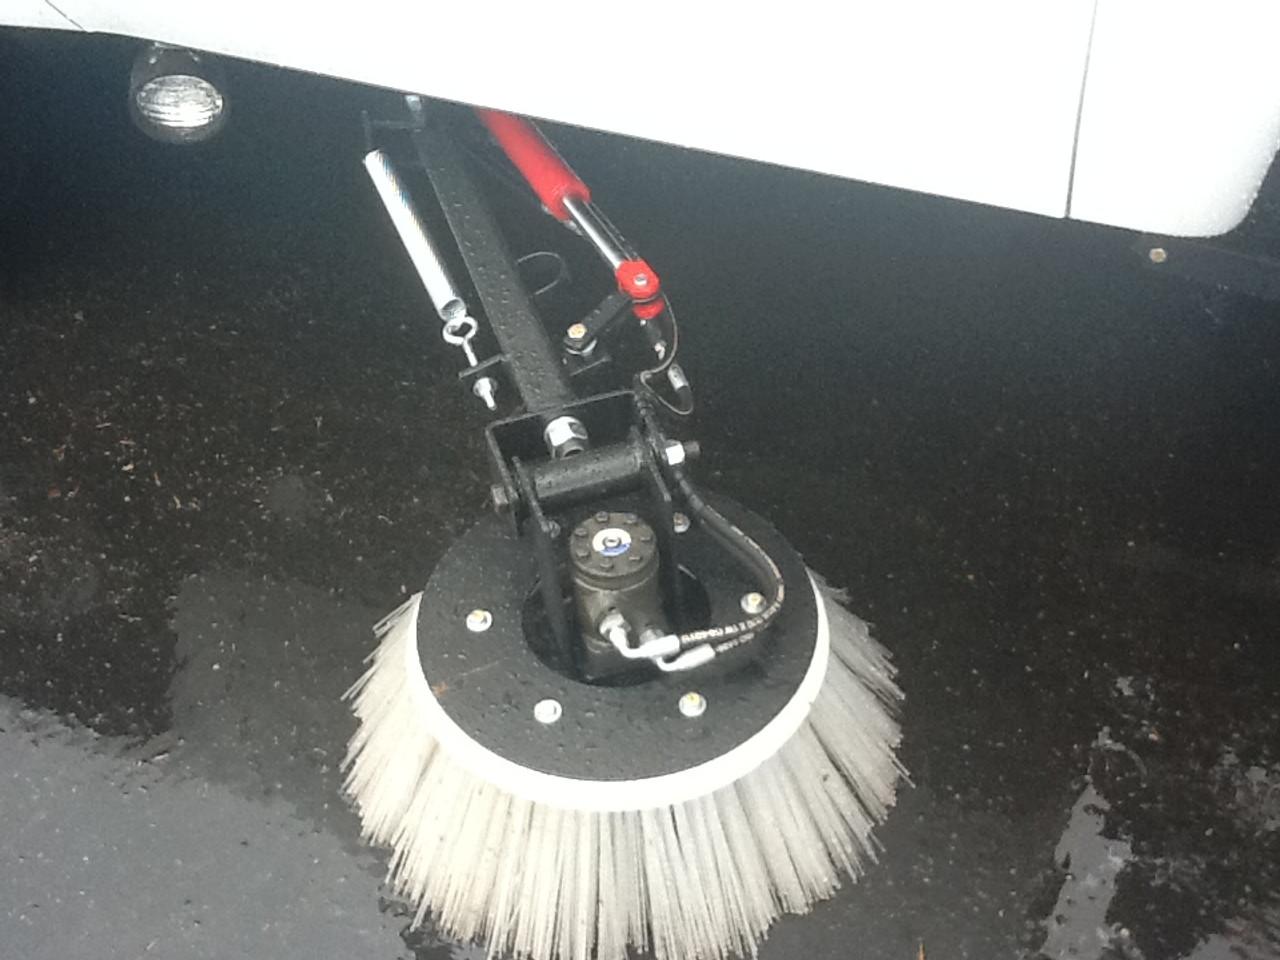 Dish, Curb Broom